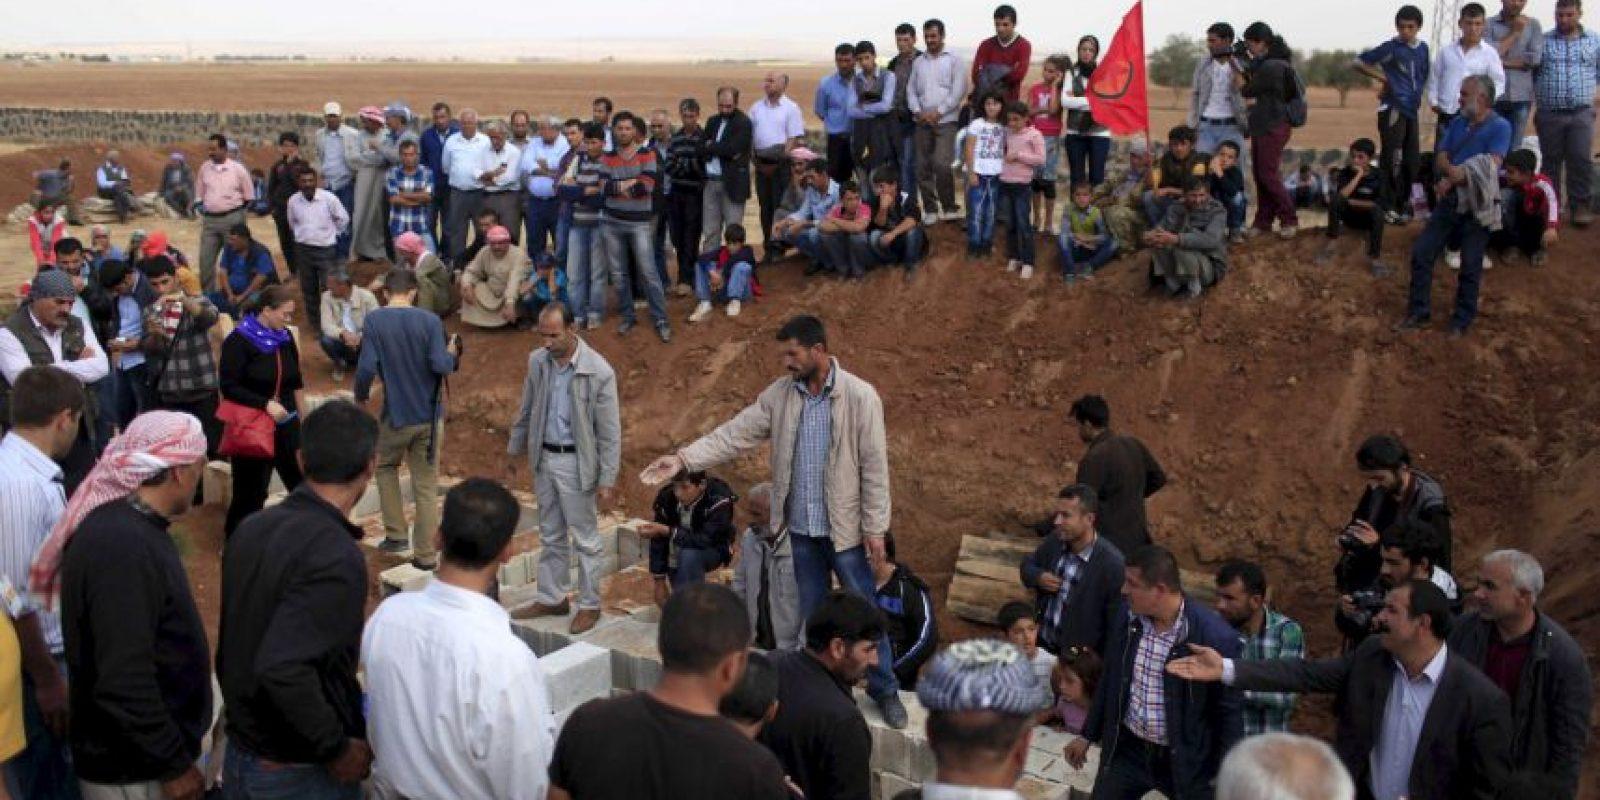 Tras el conflicto miles de refugiados sirios legaron a Turquía. Foto:AFP